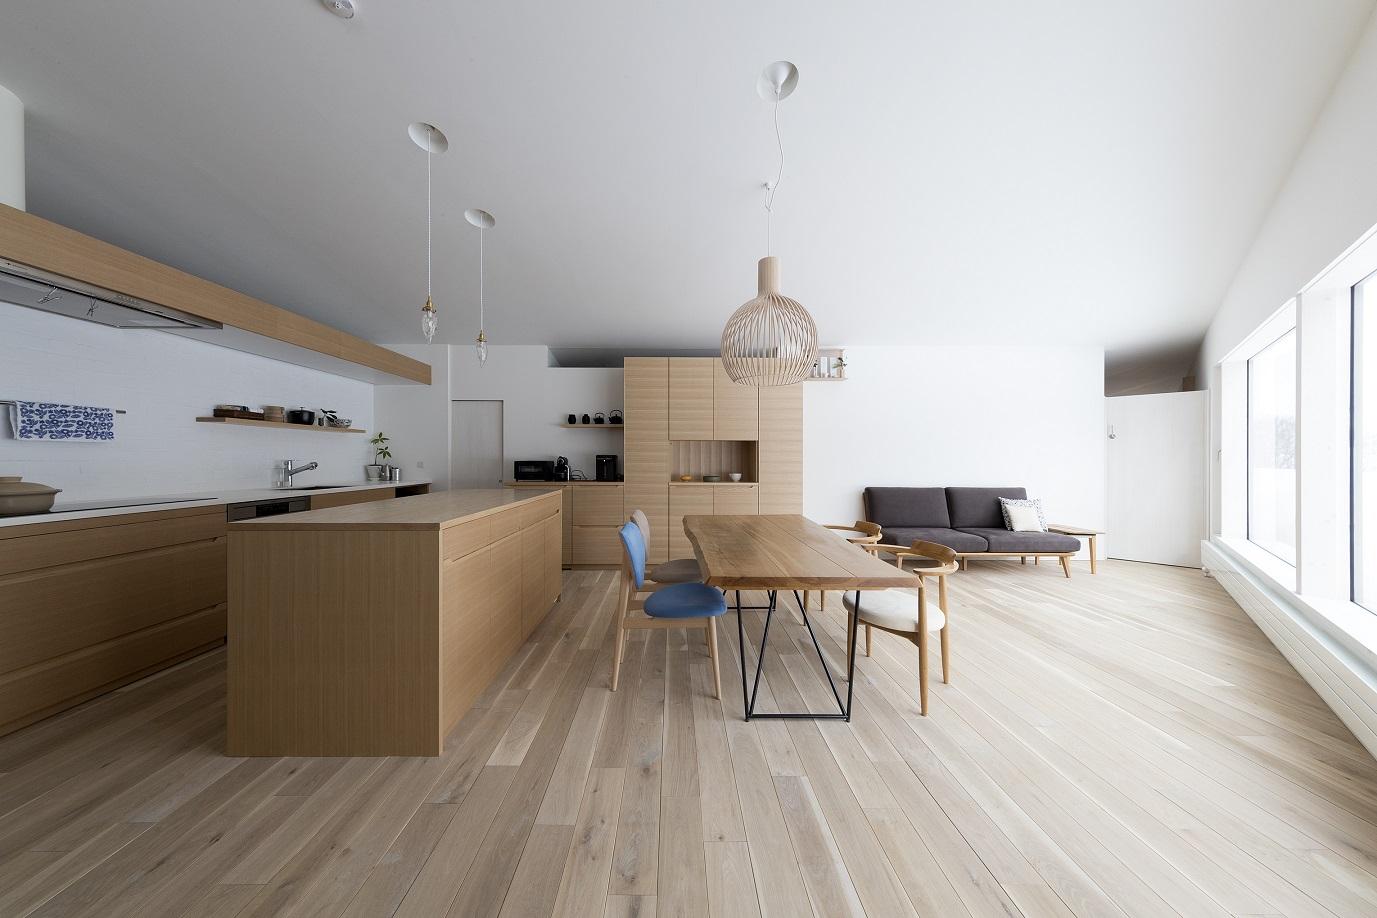 タモ材のオーダーキッチンがおしゃれな新築:澪工房